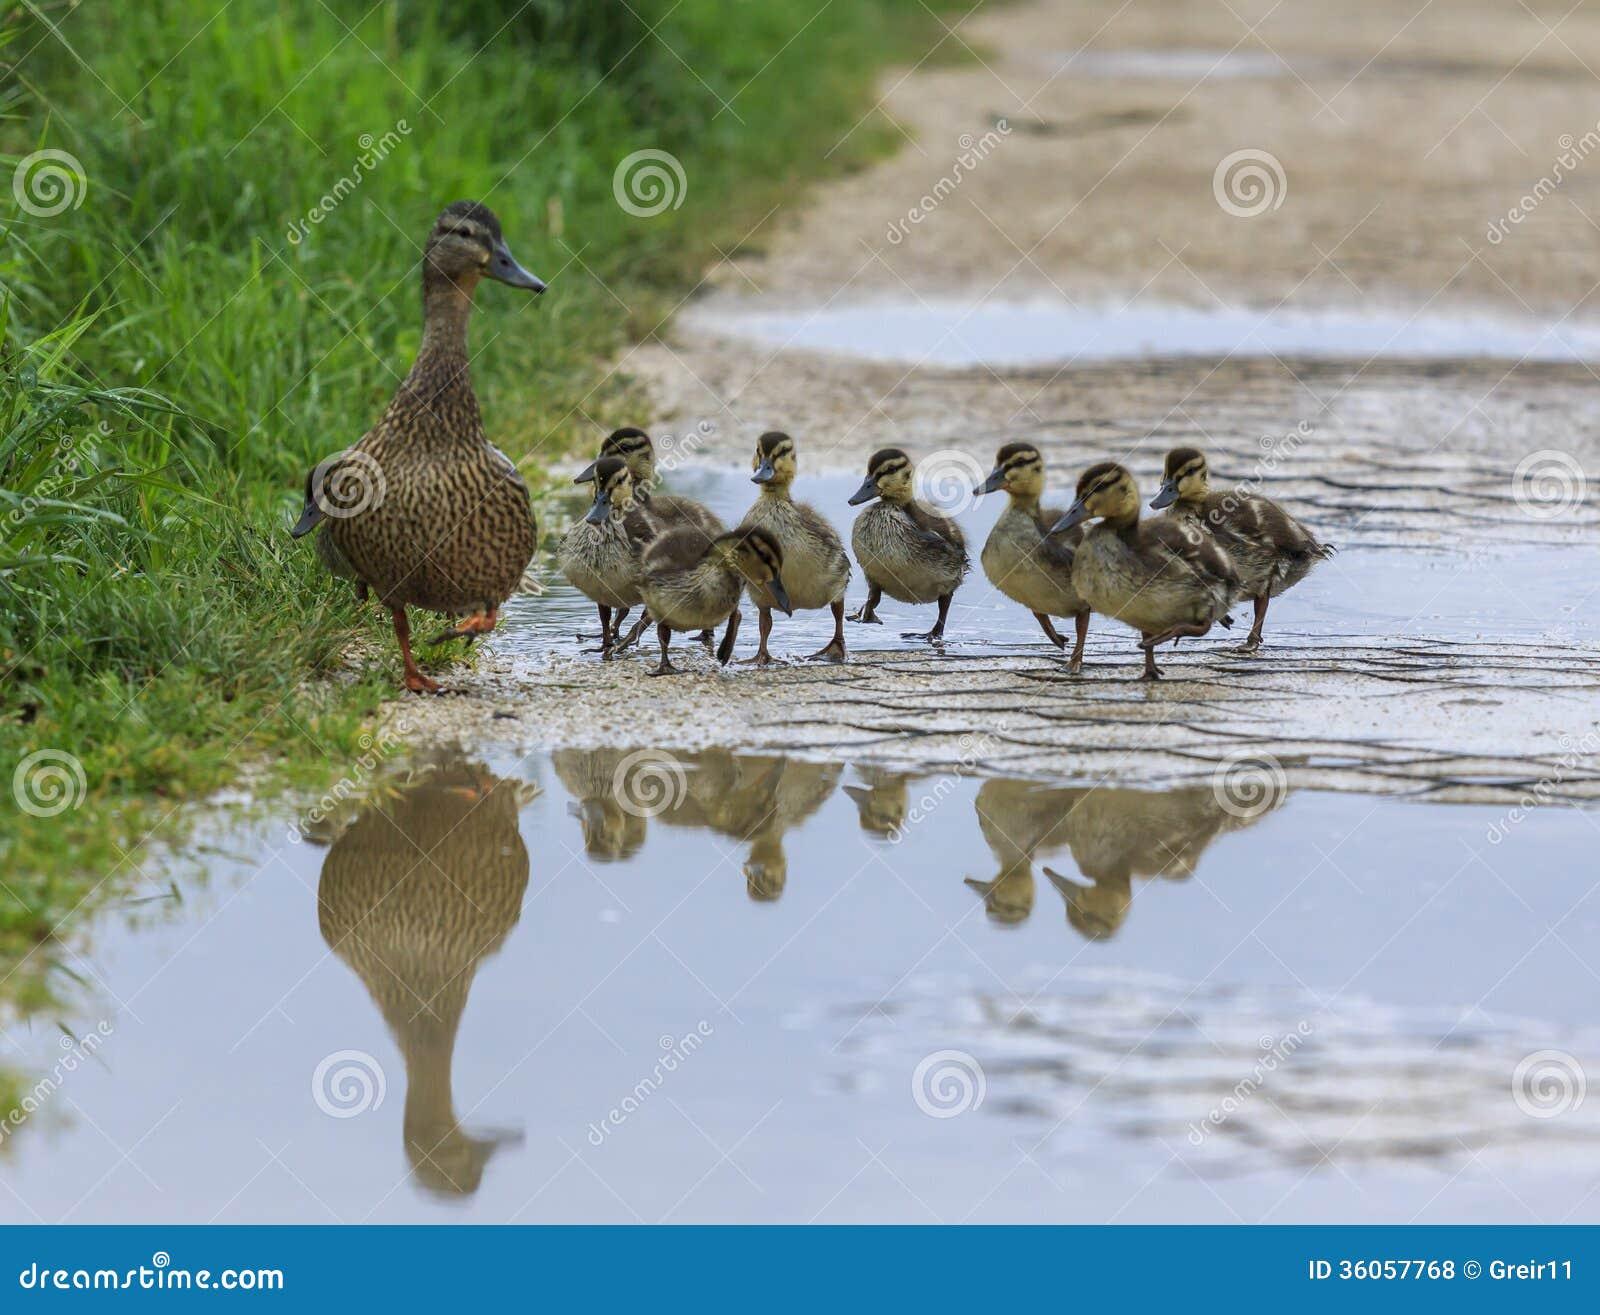 Pato e com os patinhos que cruzam um trajeto